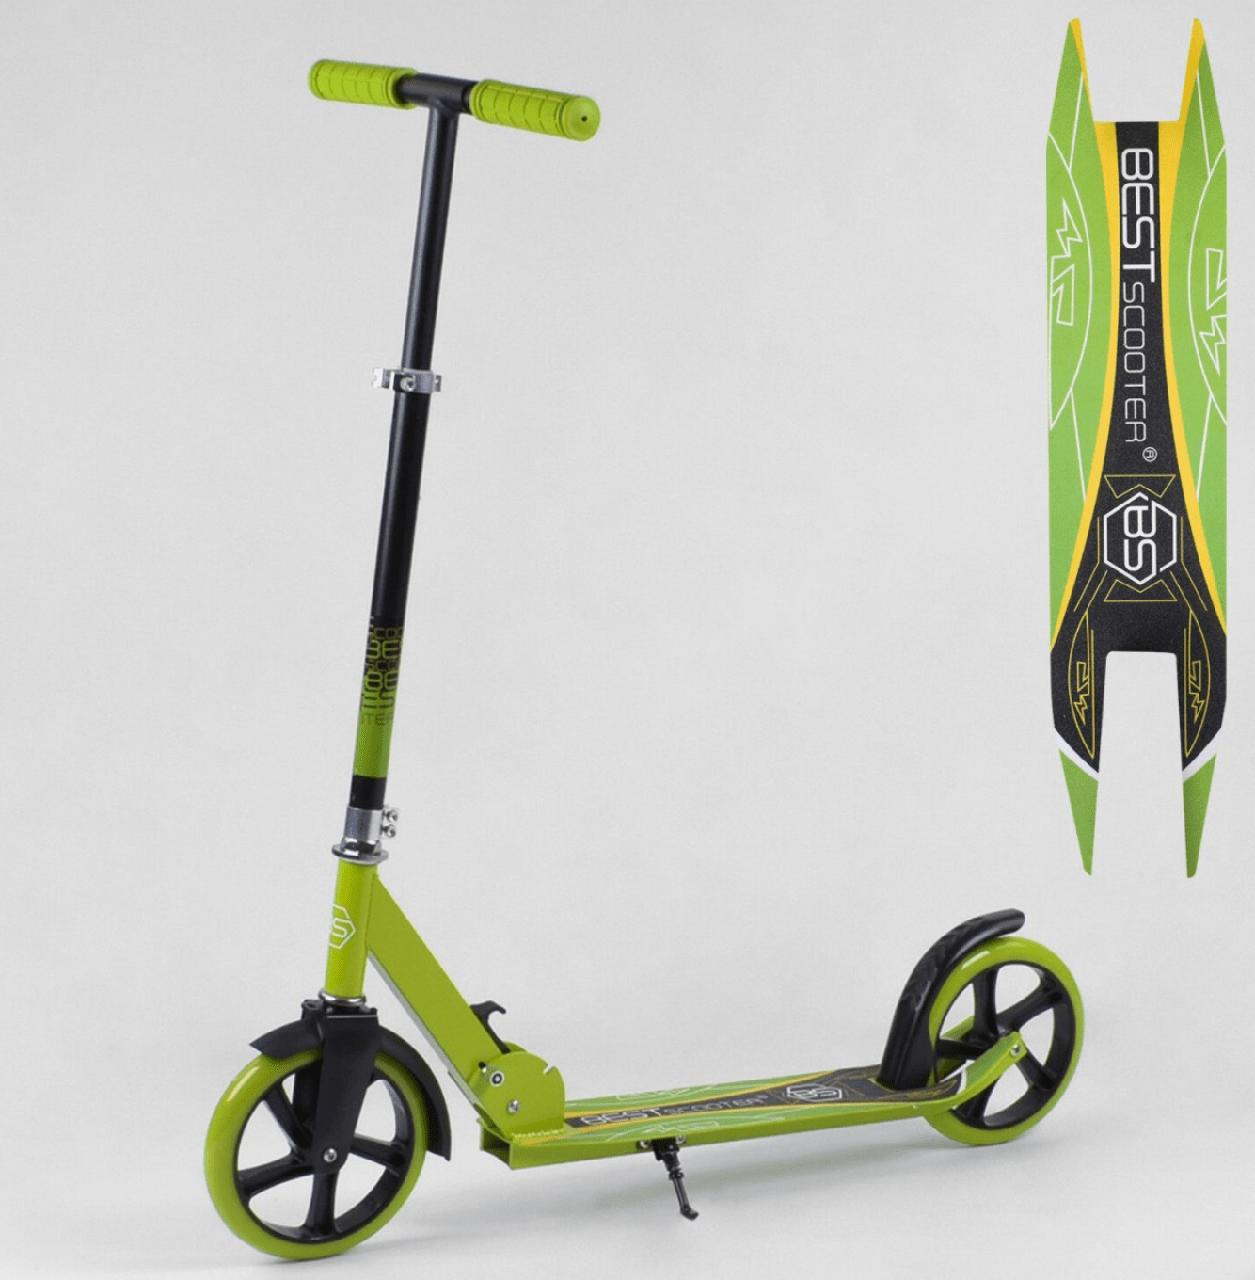 Самокат BestScooter цветные колеса 20 см - Зелёный